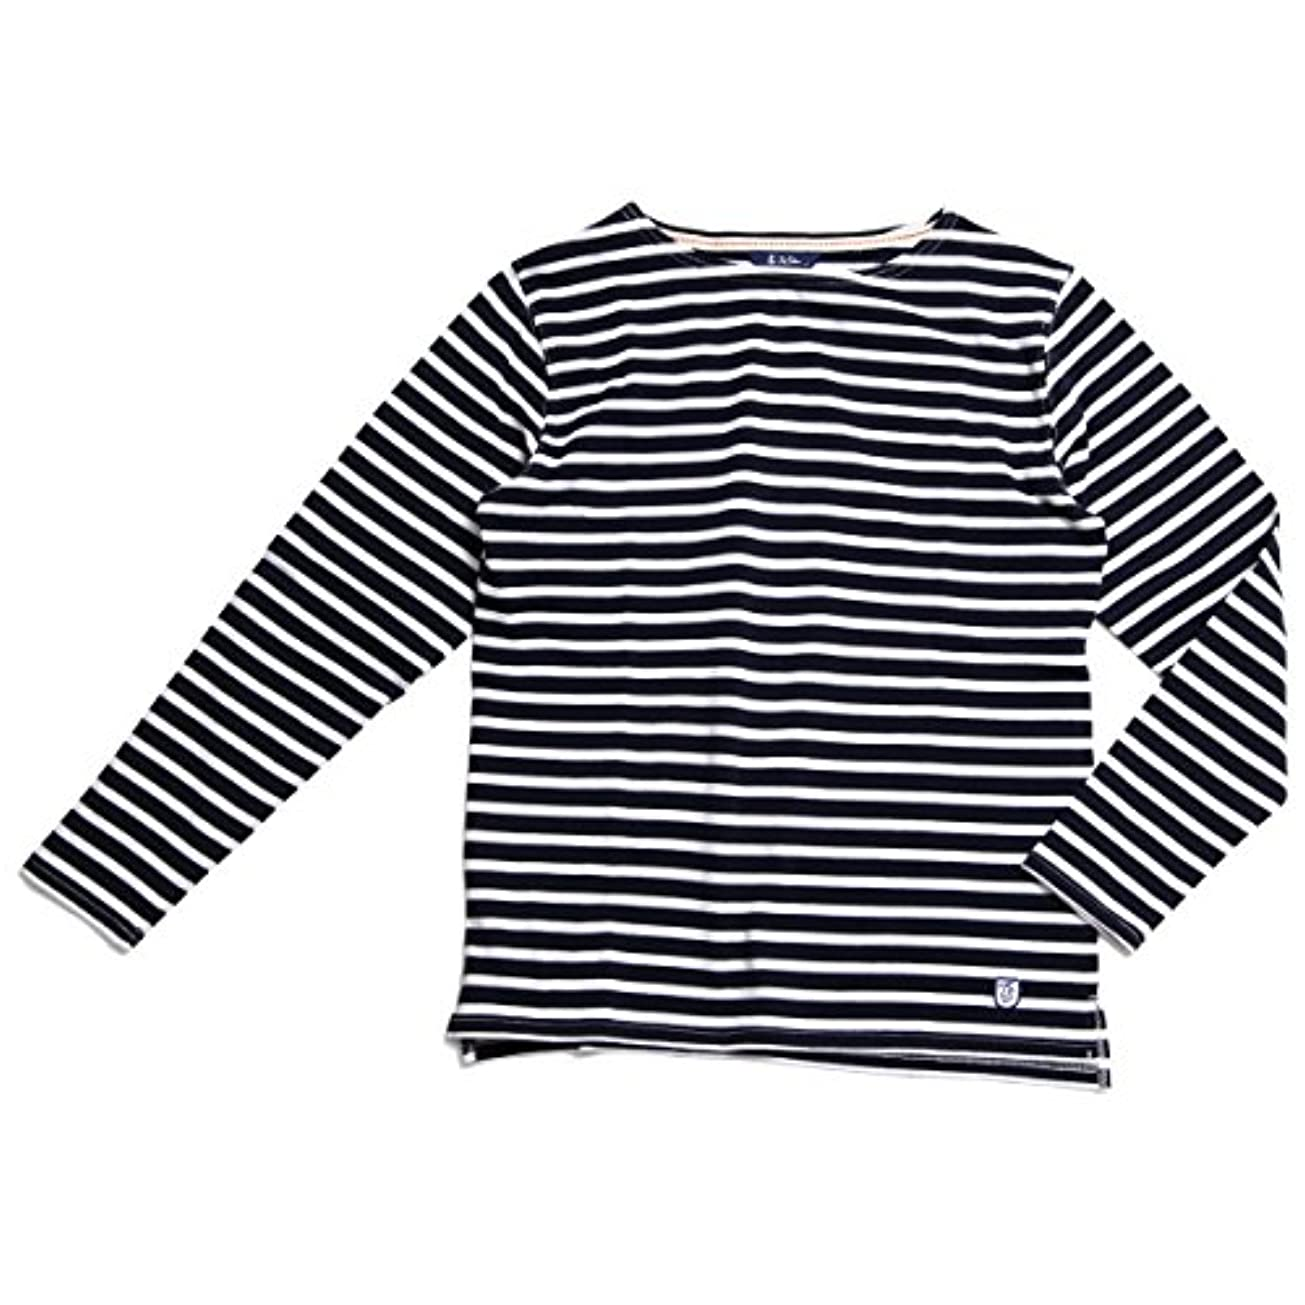 洗う等価自伝TOP SIDER(トップサイダー) ボートネックTシャツ メンズ コットン100% ロンT M L XL 長袖Tシャツ カットソー ボーダー ホワイト ネイビー レッド